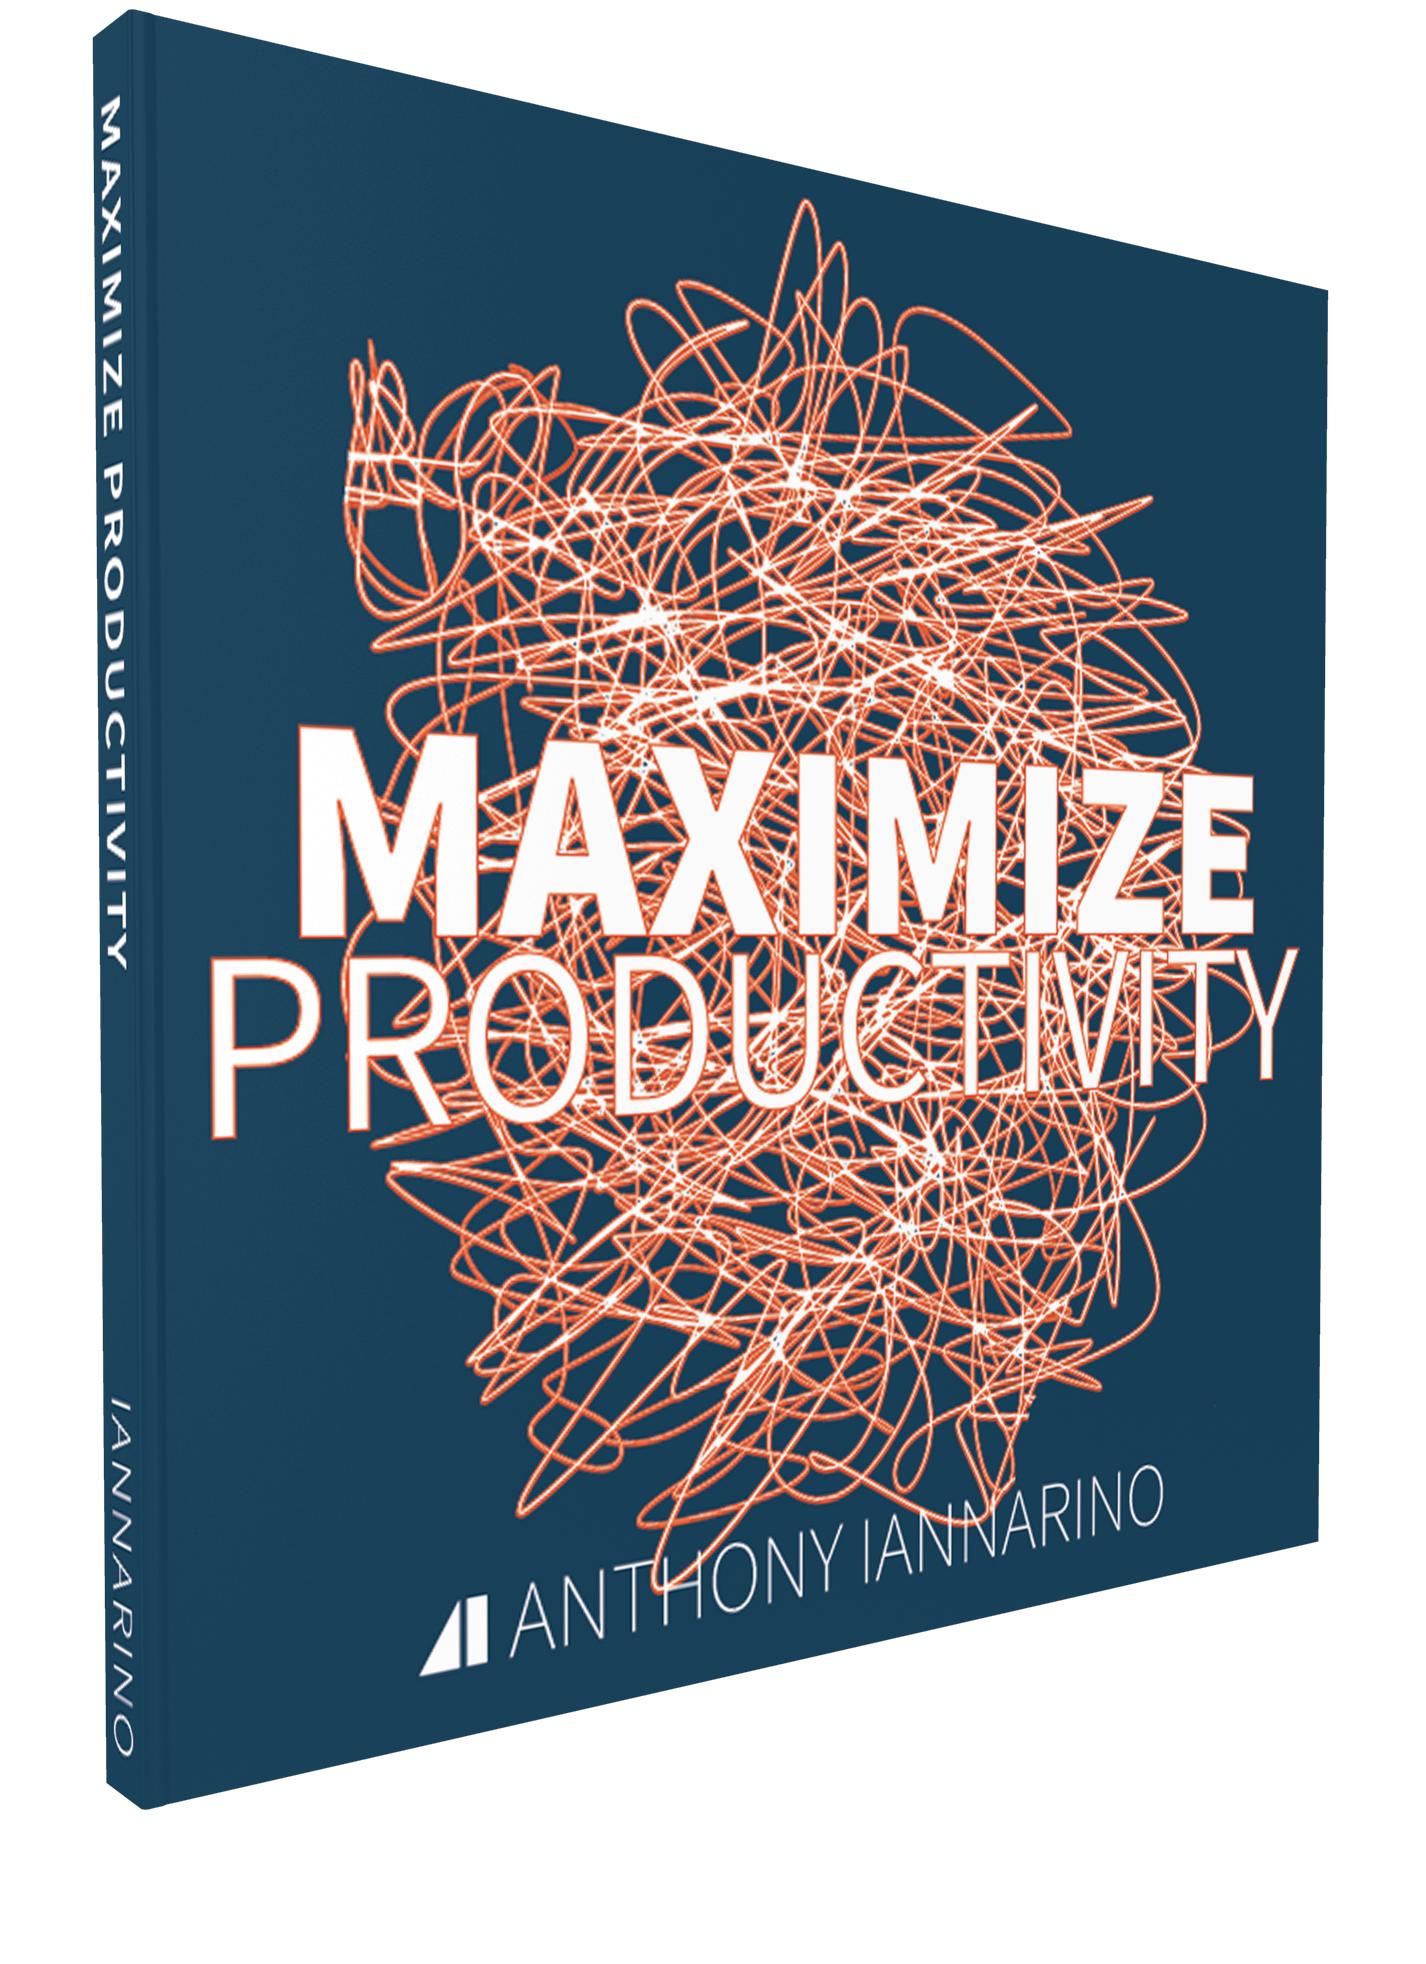 Maximize Productivity 3D cover